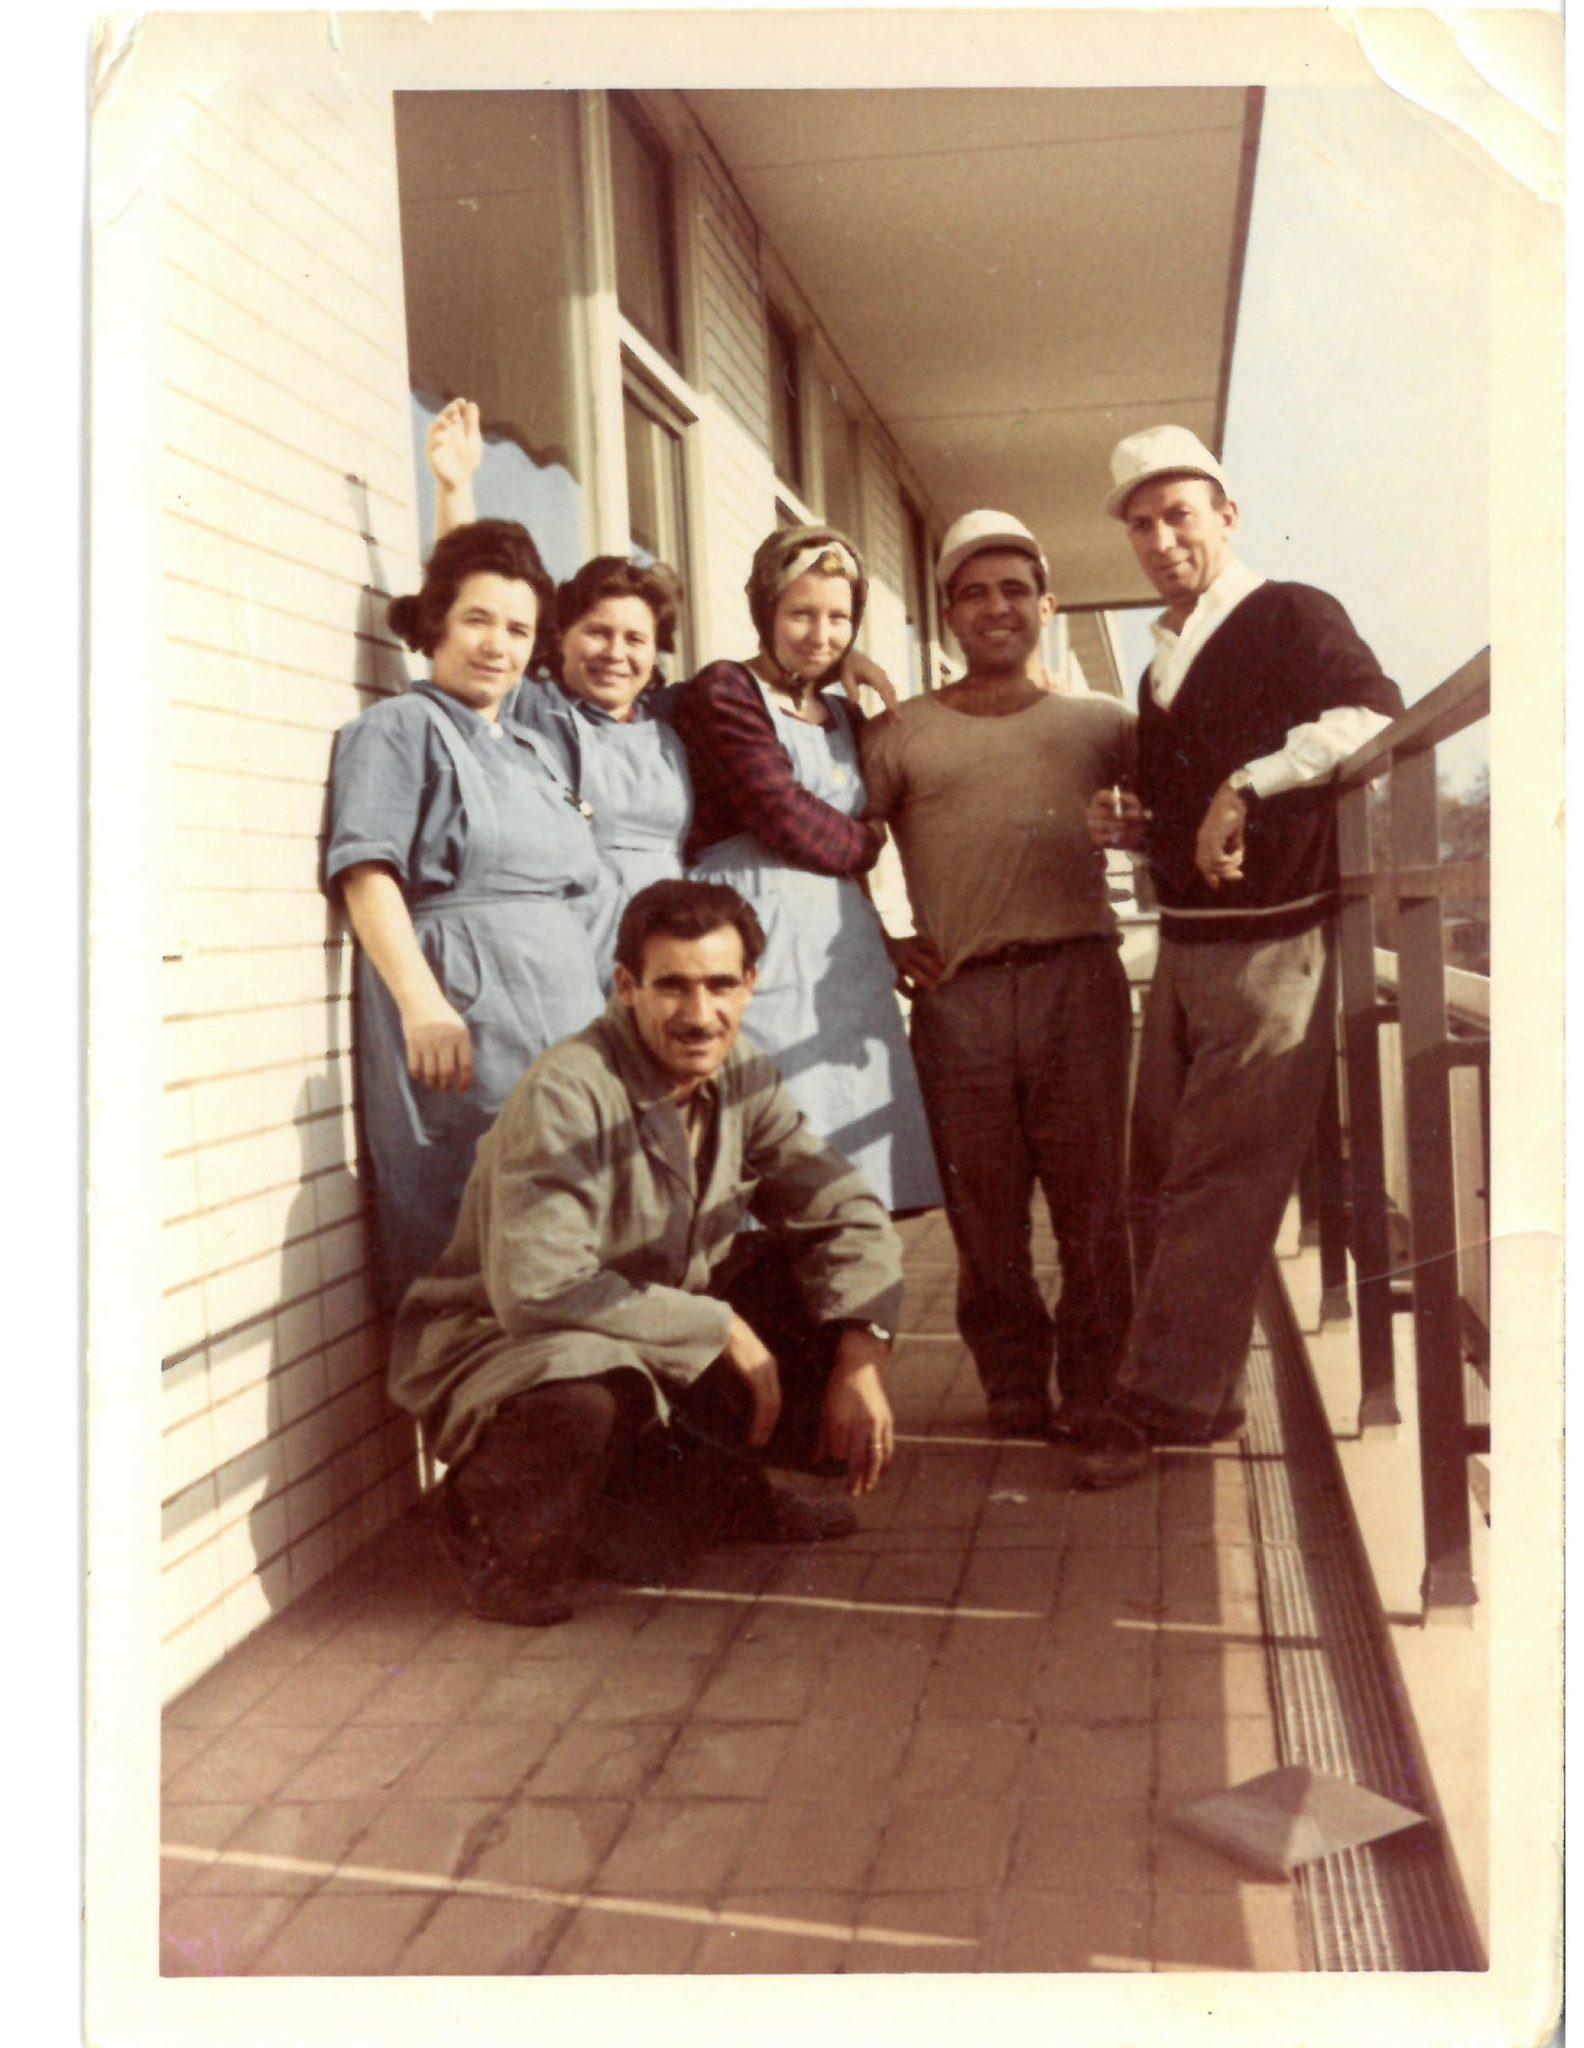 Gruppe von Personen auf einem Balkon